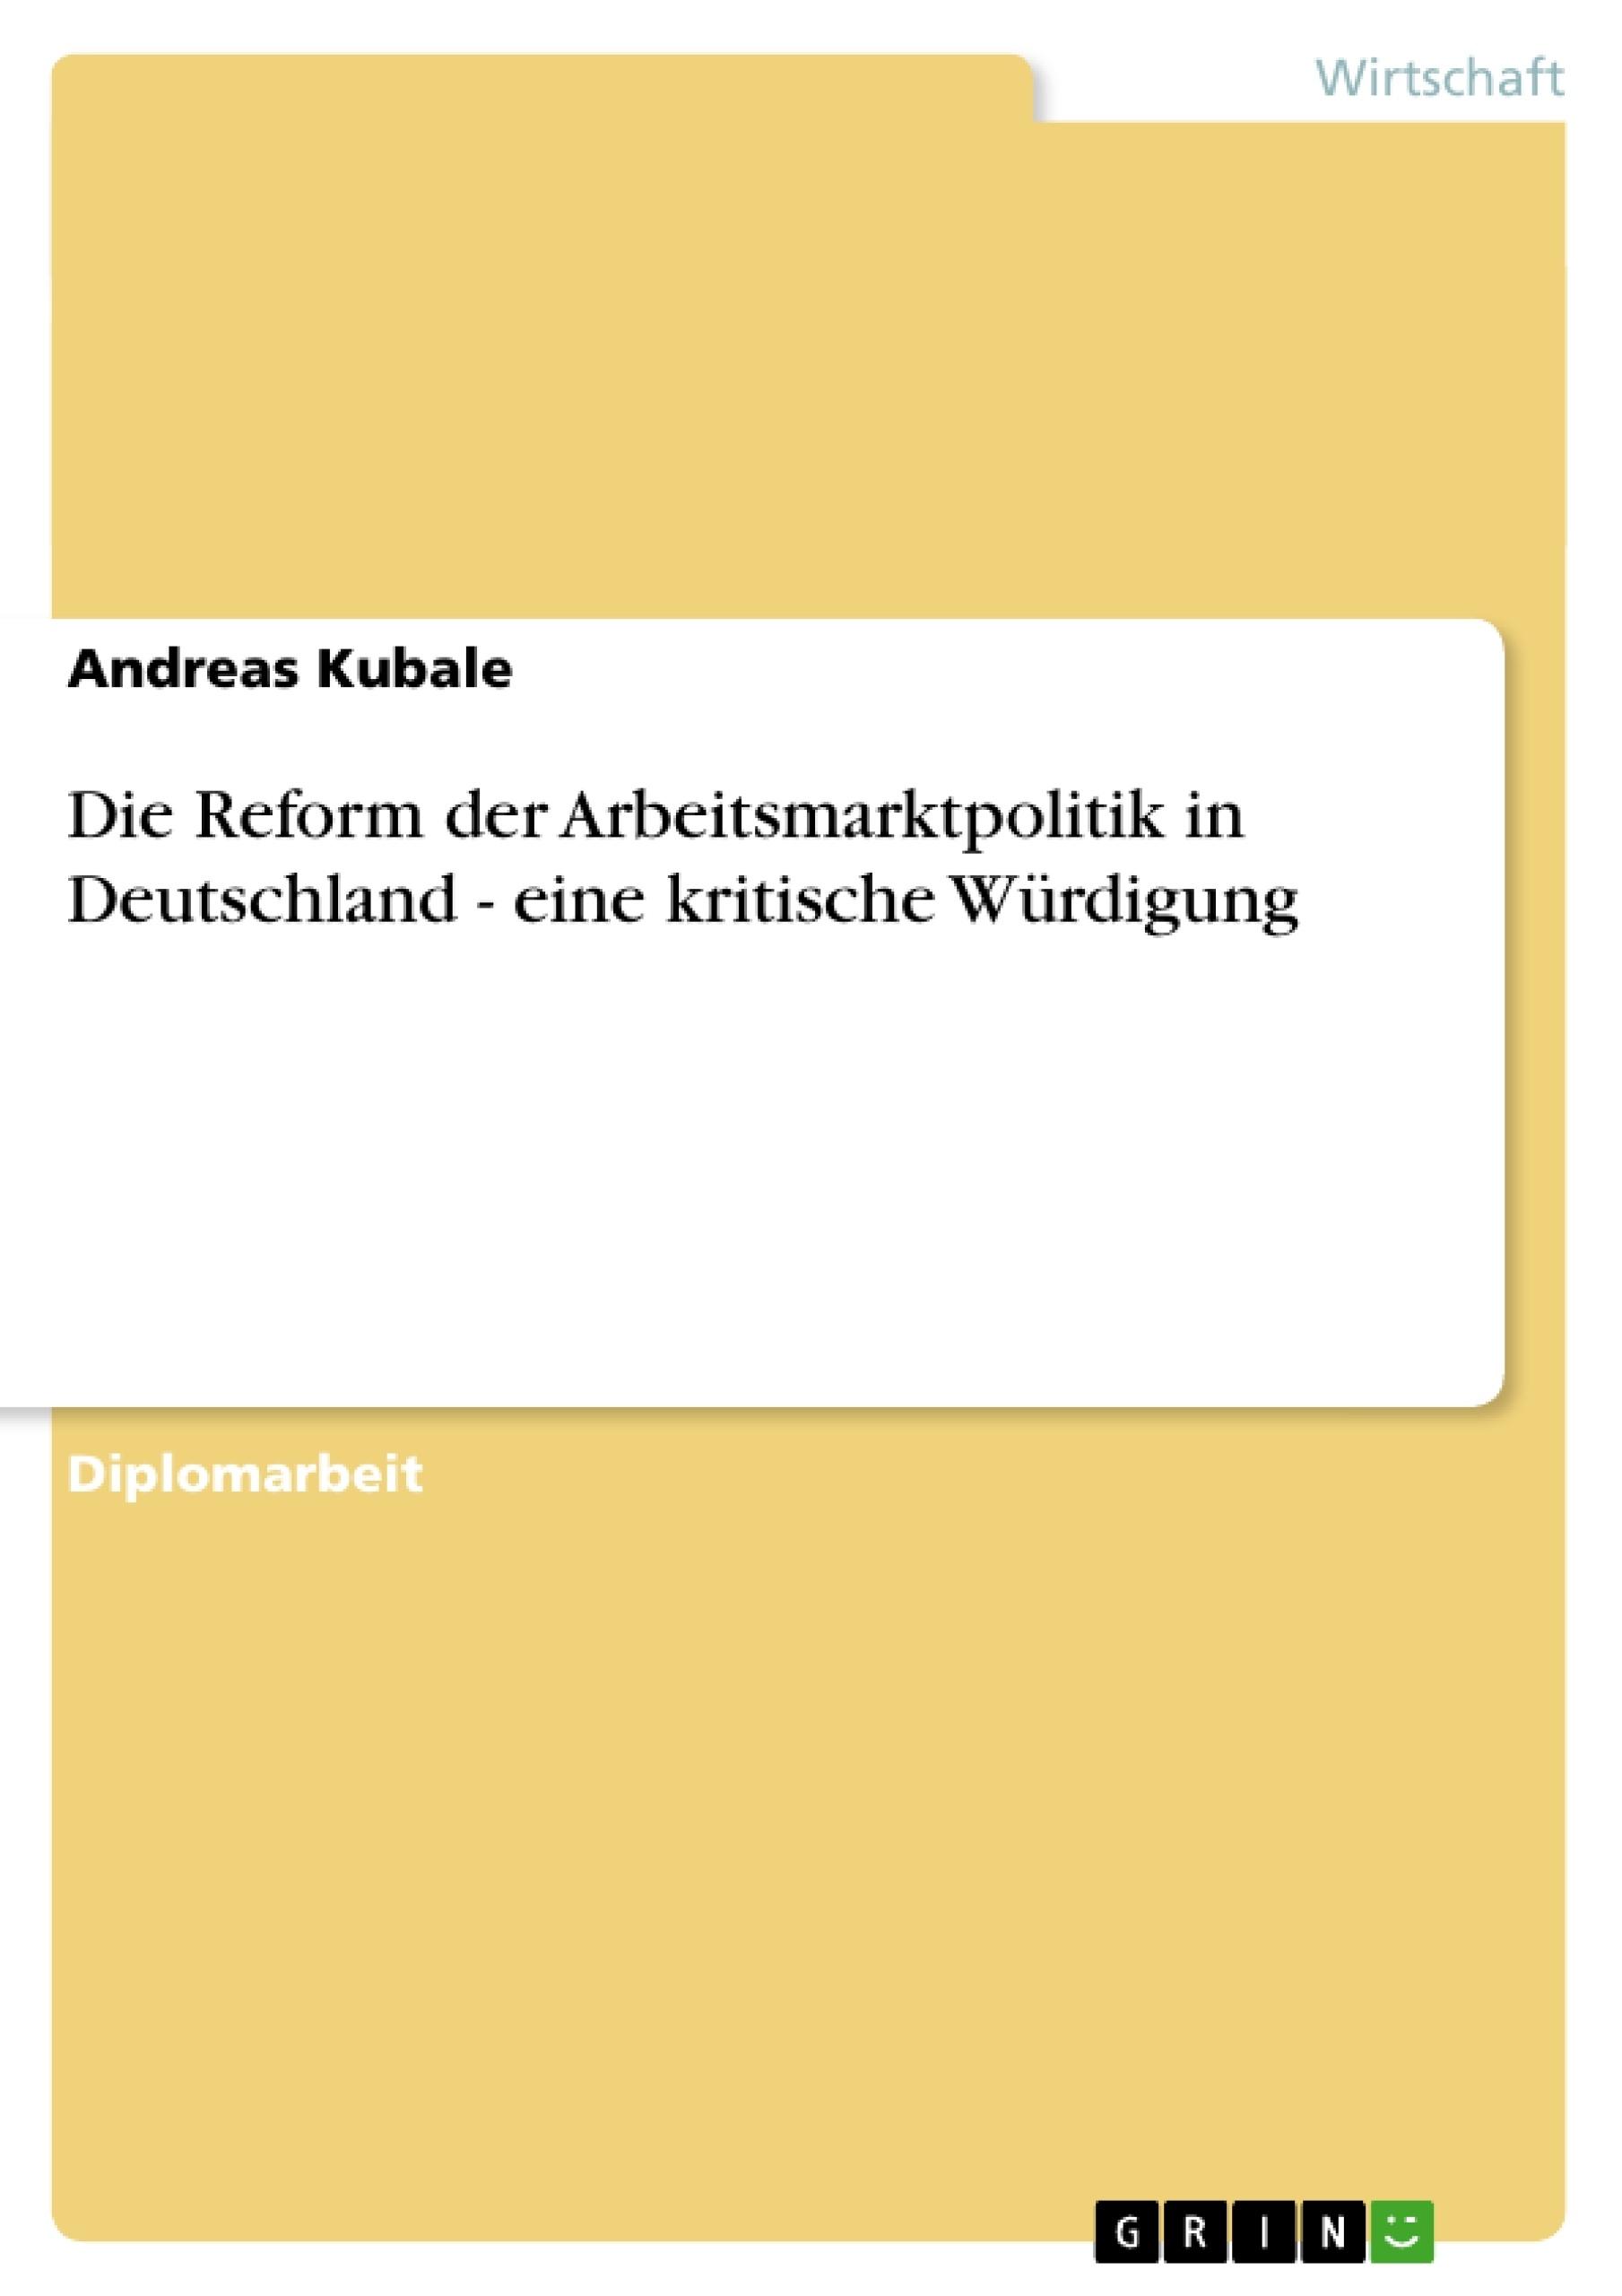 Titel: Die Reform der Arbeitsmarktpolitik in Deutschland - eine kritische Würdigung